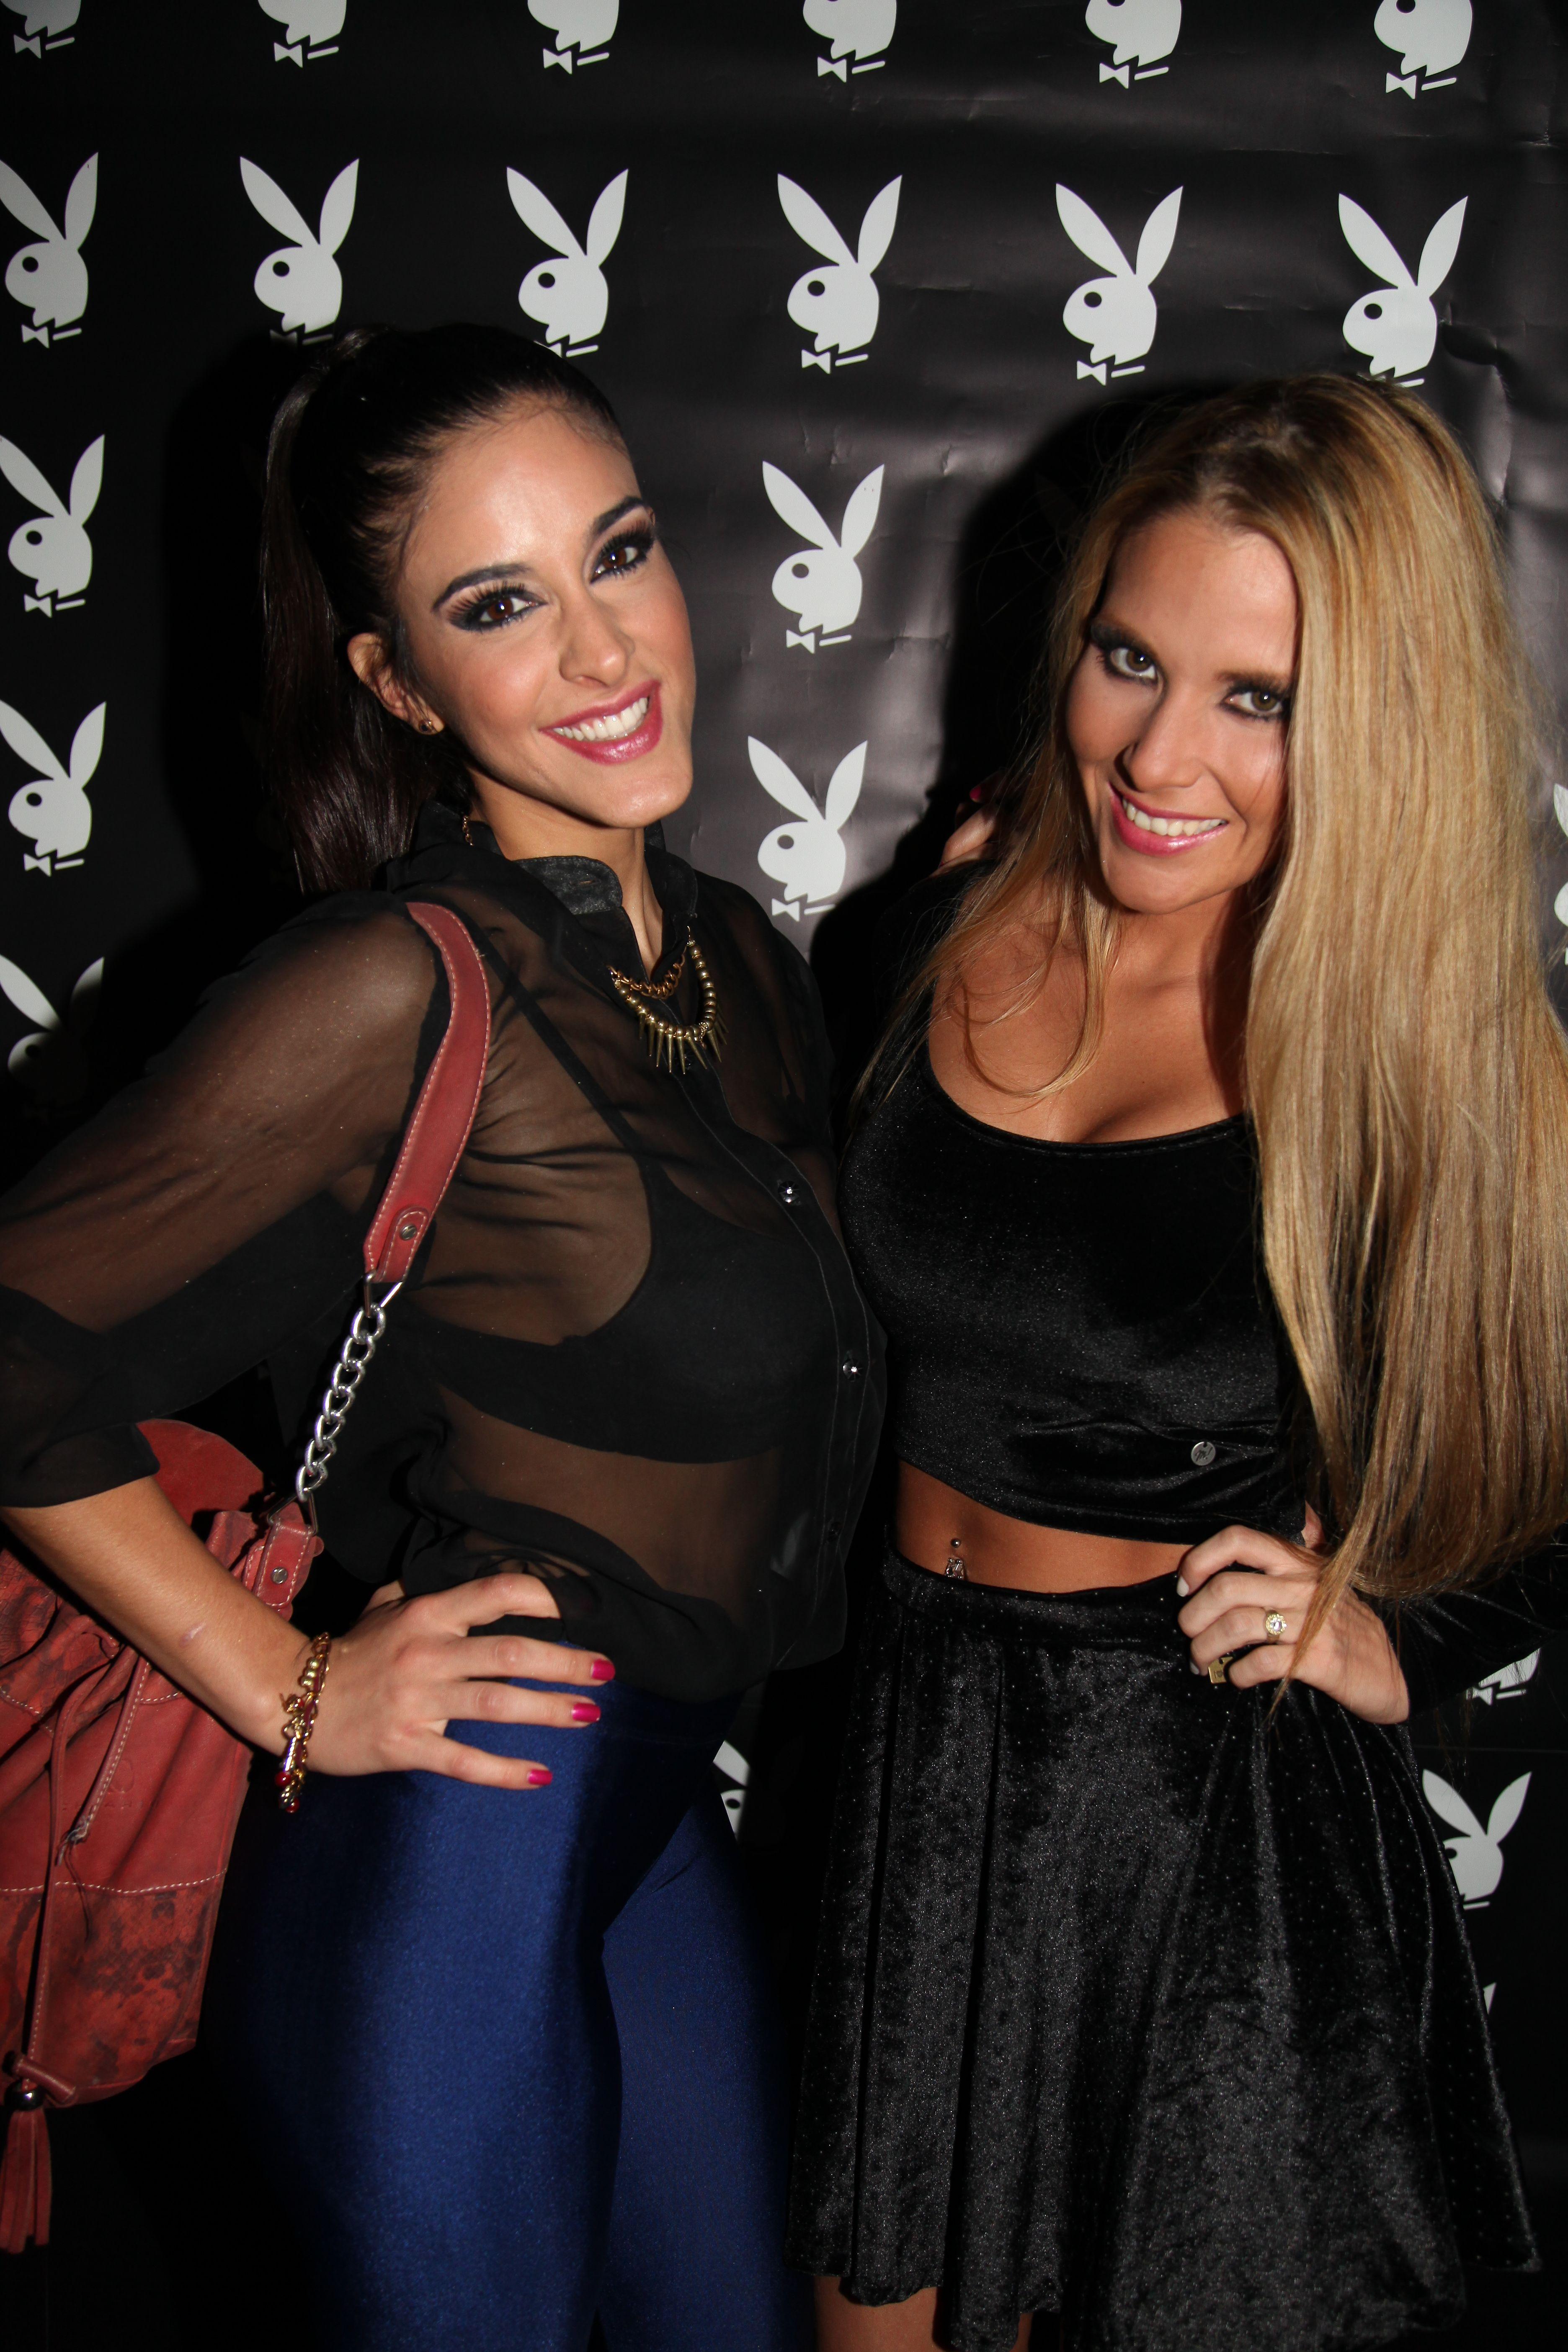 La fiesta caliente de Playboy en Argentina